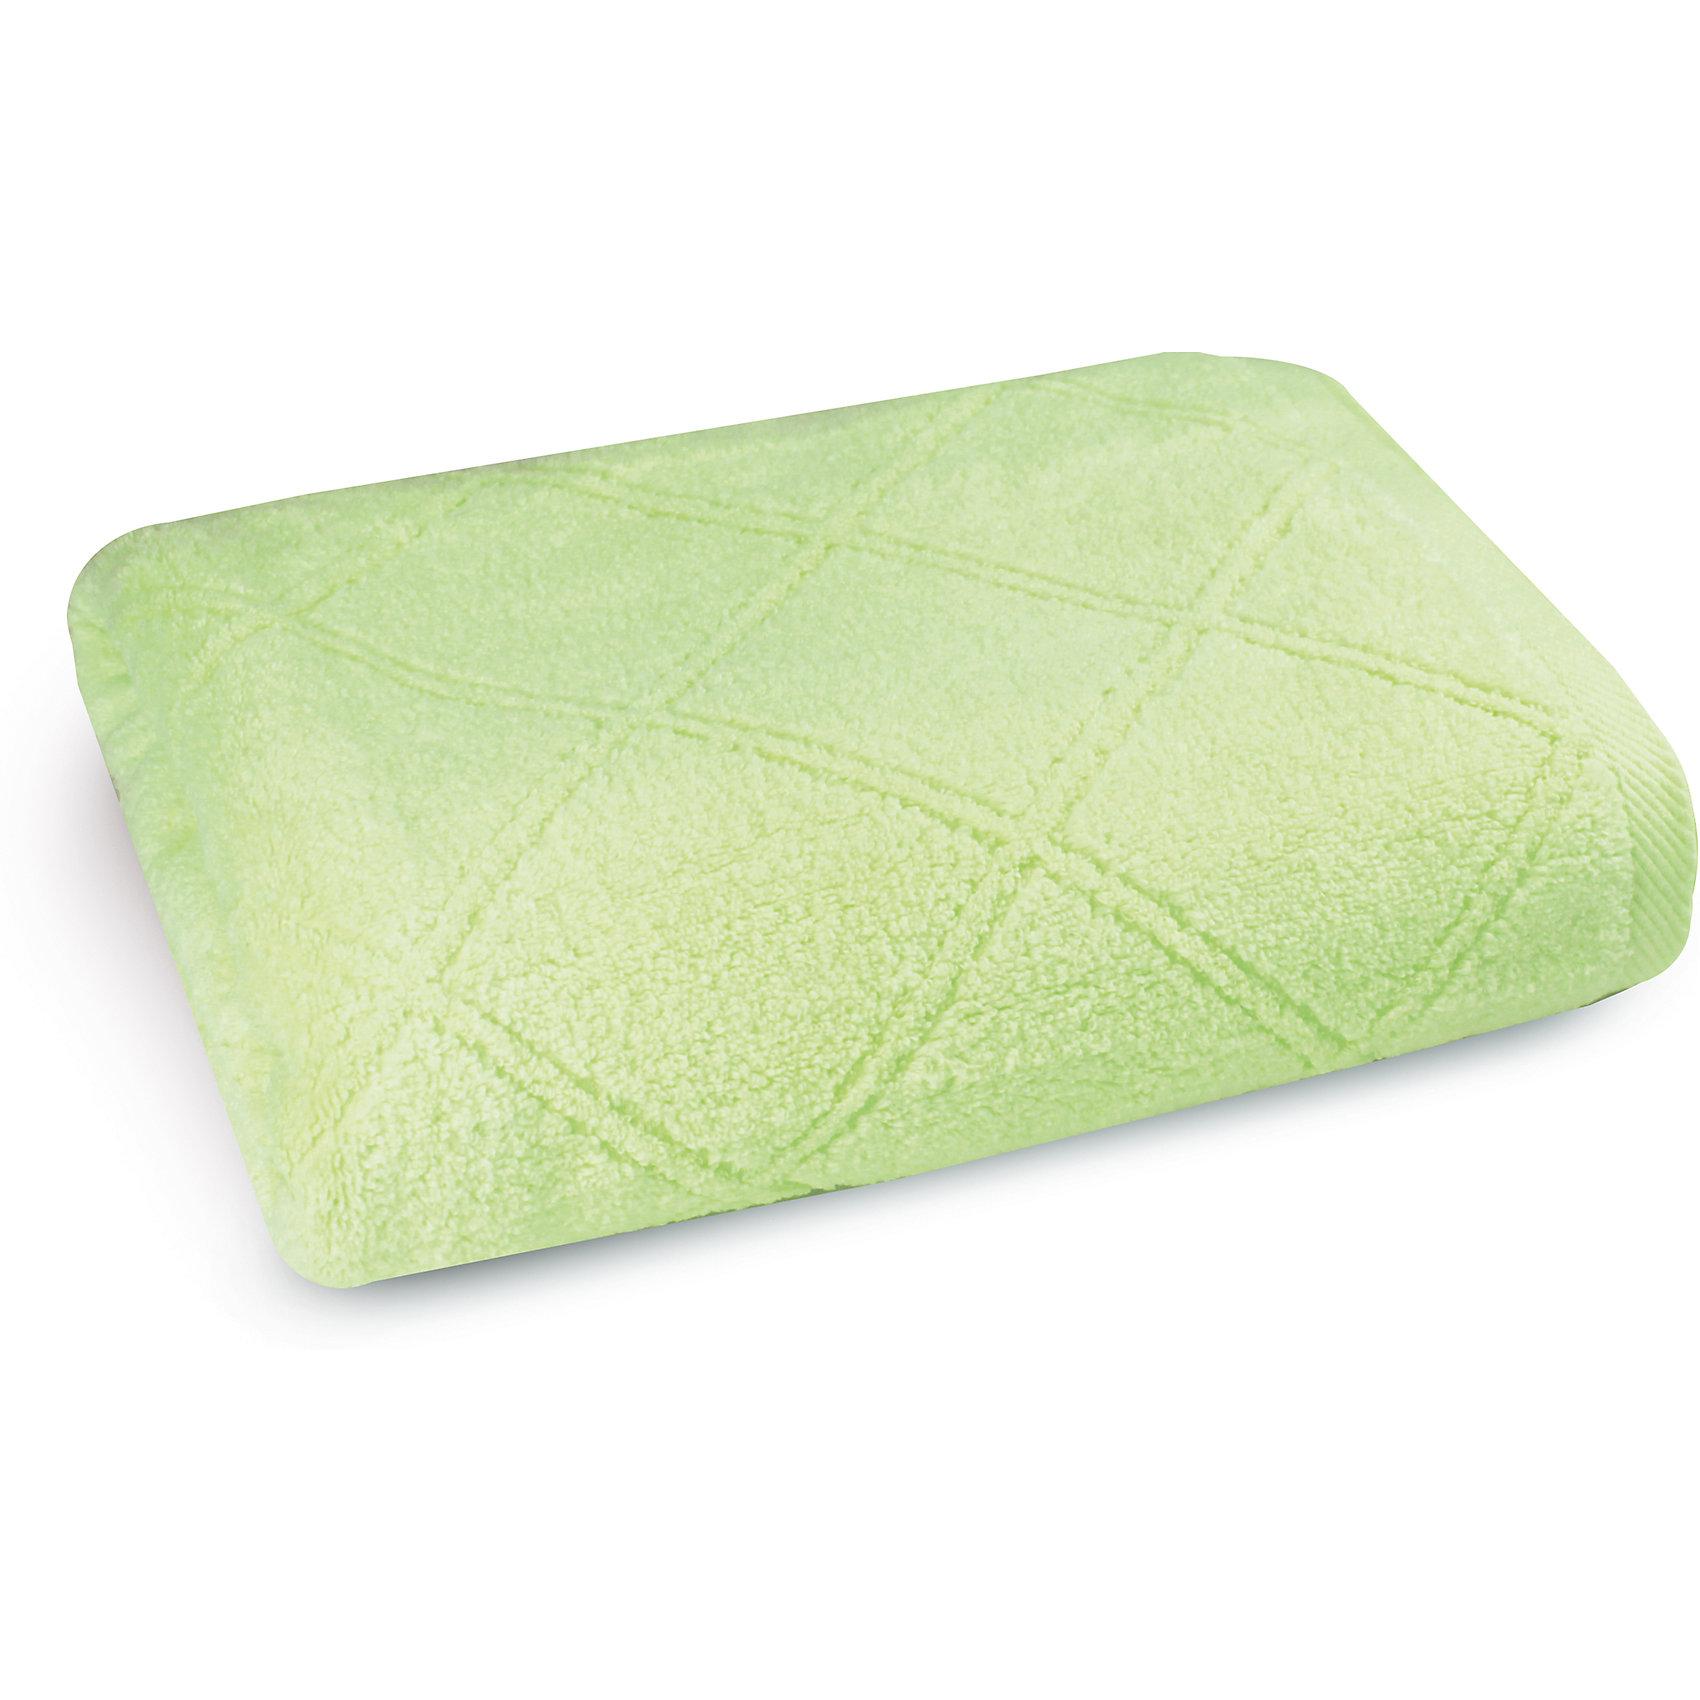 Полотенце махровое 50х90, Cozy Home, зеленыйВанная комната<br>Полотенце махровое 50х90, Cozy Home (Кози Хоум), зеленый<br><br>Характеристики:<br><br>• мягкое полотенце, приятное на ощупь<br>• хорошо впитывает влагу<br>• легко стирать<br>• материал: хлопок<br>• размер: 50х90 см<br>• цвет: зеленый<br><br>Выбирая полотенце, важно обратить внимание на материал. Полотенце от Cozy Home изготовлено из качественного хлопка, поэтому оно очень приятно телу и не вызывает раздражения и аллергии. Полотенце хорошо впитывает влагу, а также быстро высыхает. Любые загрязнения вы с легкостью сможете отстирать при температуре 40?. Также полотенце порадует вас своей долговечностью. Даже после многочисленных стирок оно не изменит свой цвет и размер. Изделие имеет однотонную расцветку, дополненную узором из ромбов. Отличный выбор для ценителей качественного текстиля!<br><br>Полотенце махровое 50х90, Cozy Home (Кози Хоум), зеленый можно купить в нашем интернет-магазине.<br><br>Ширина мм: 150<br>Глубина мм: 250<br>Высота мм: 150<br>Вес г: 250<br>Возраст от месяцев: 0<br>Возраст до месяцев: 216<br>Пол: Унисекс<br>Возраст: Детский<br>SKU: 5355306